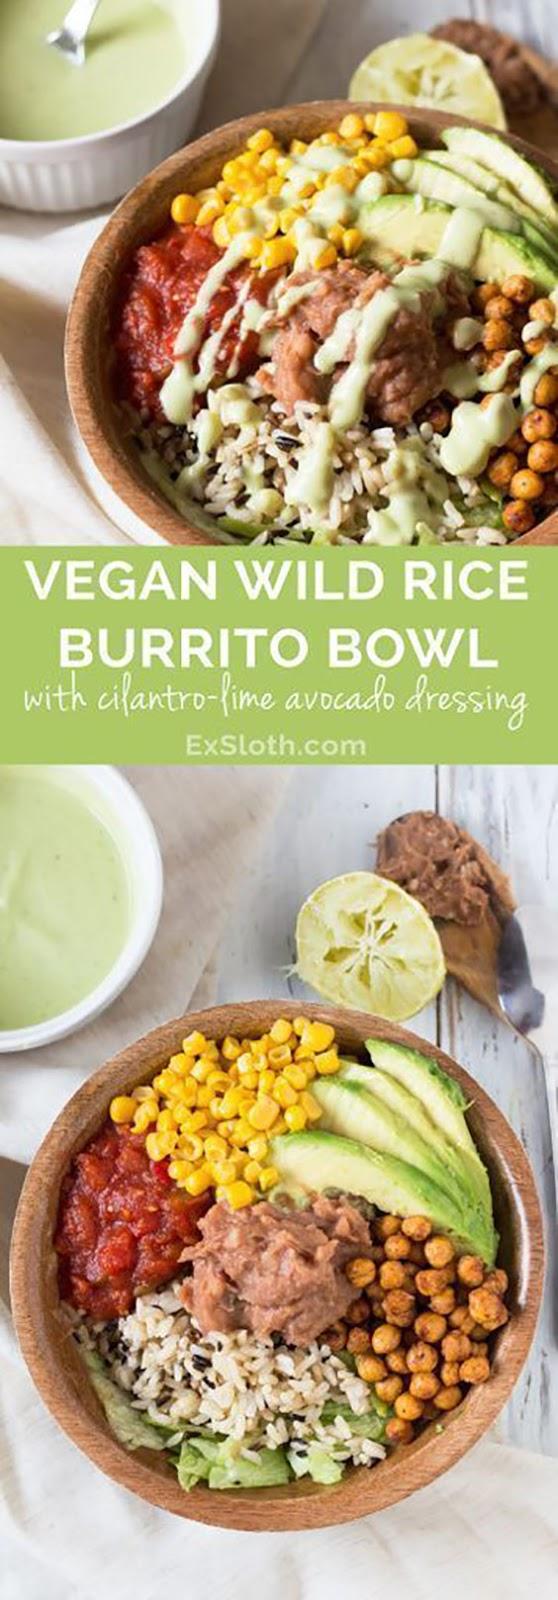 Vegan Burrito Bowl with Cilantro-Lime Avocado Dressing